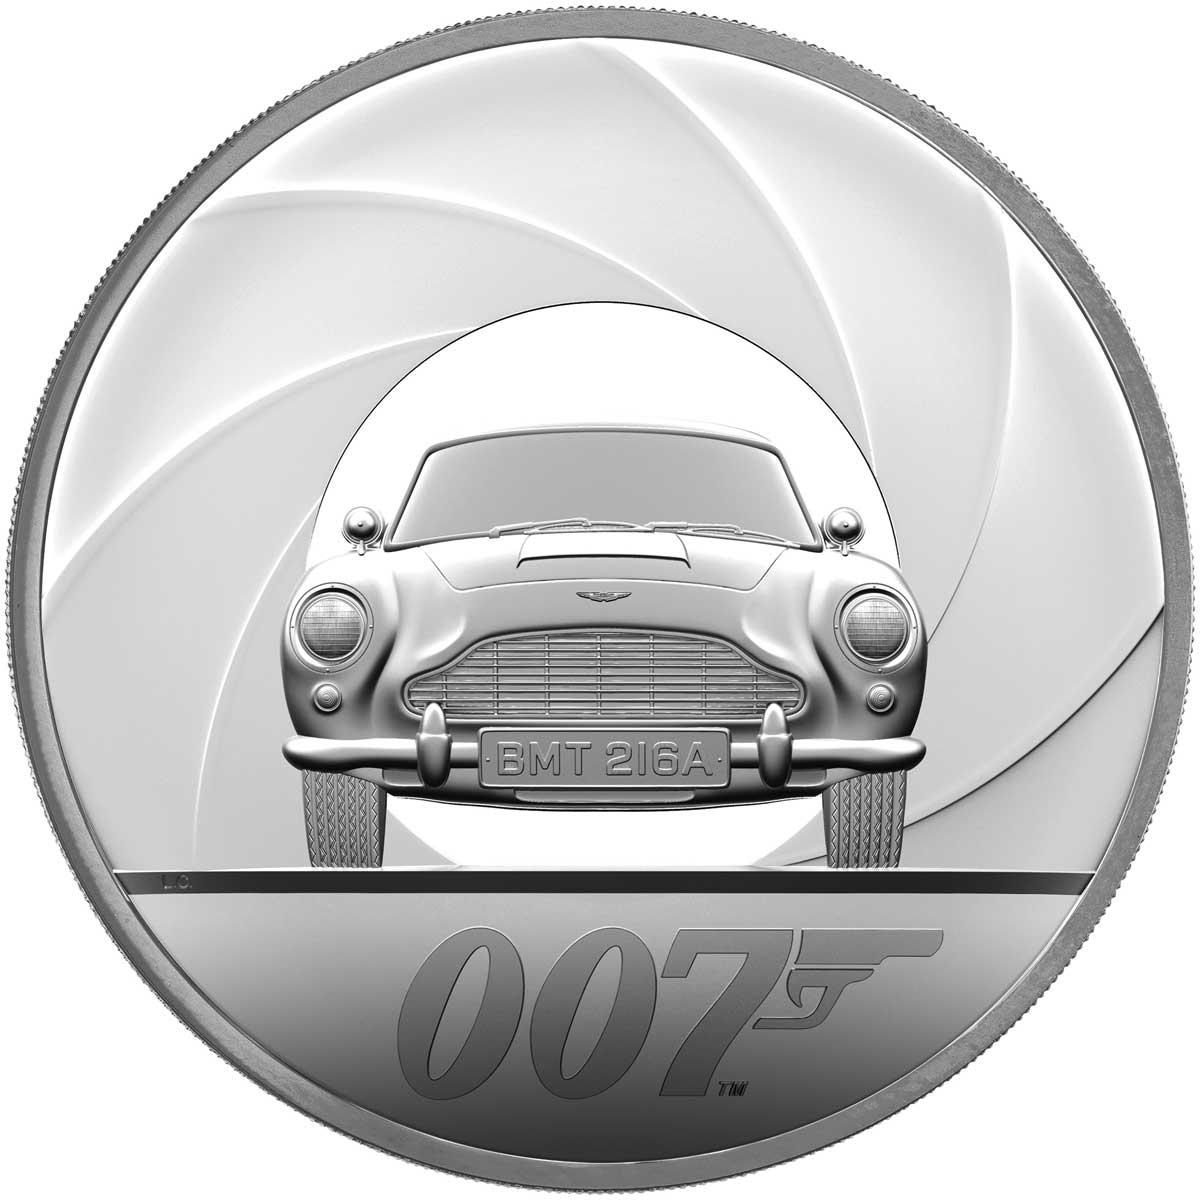 angleterre-2020-james-bond-5-oz